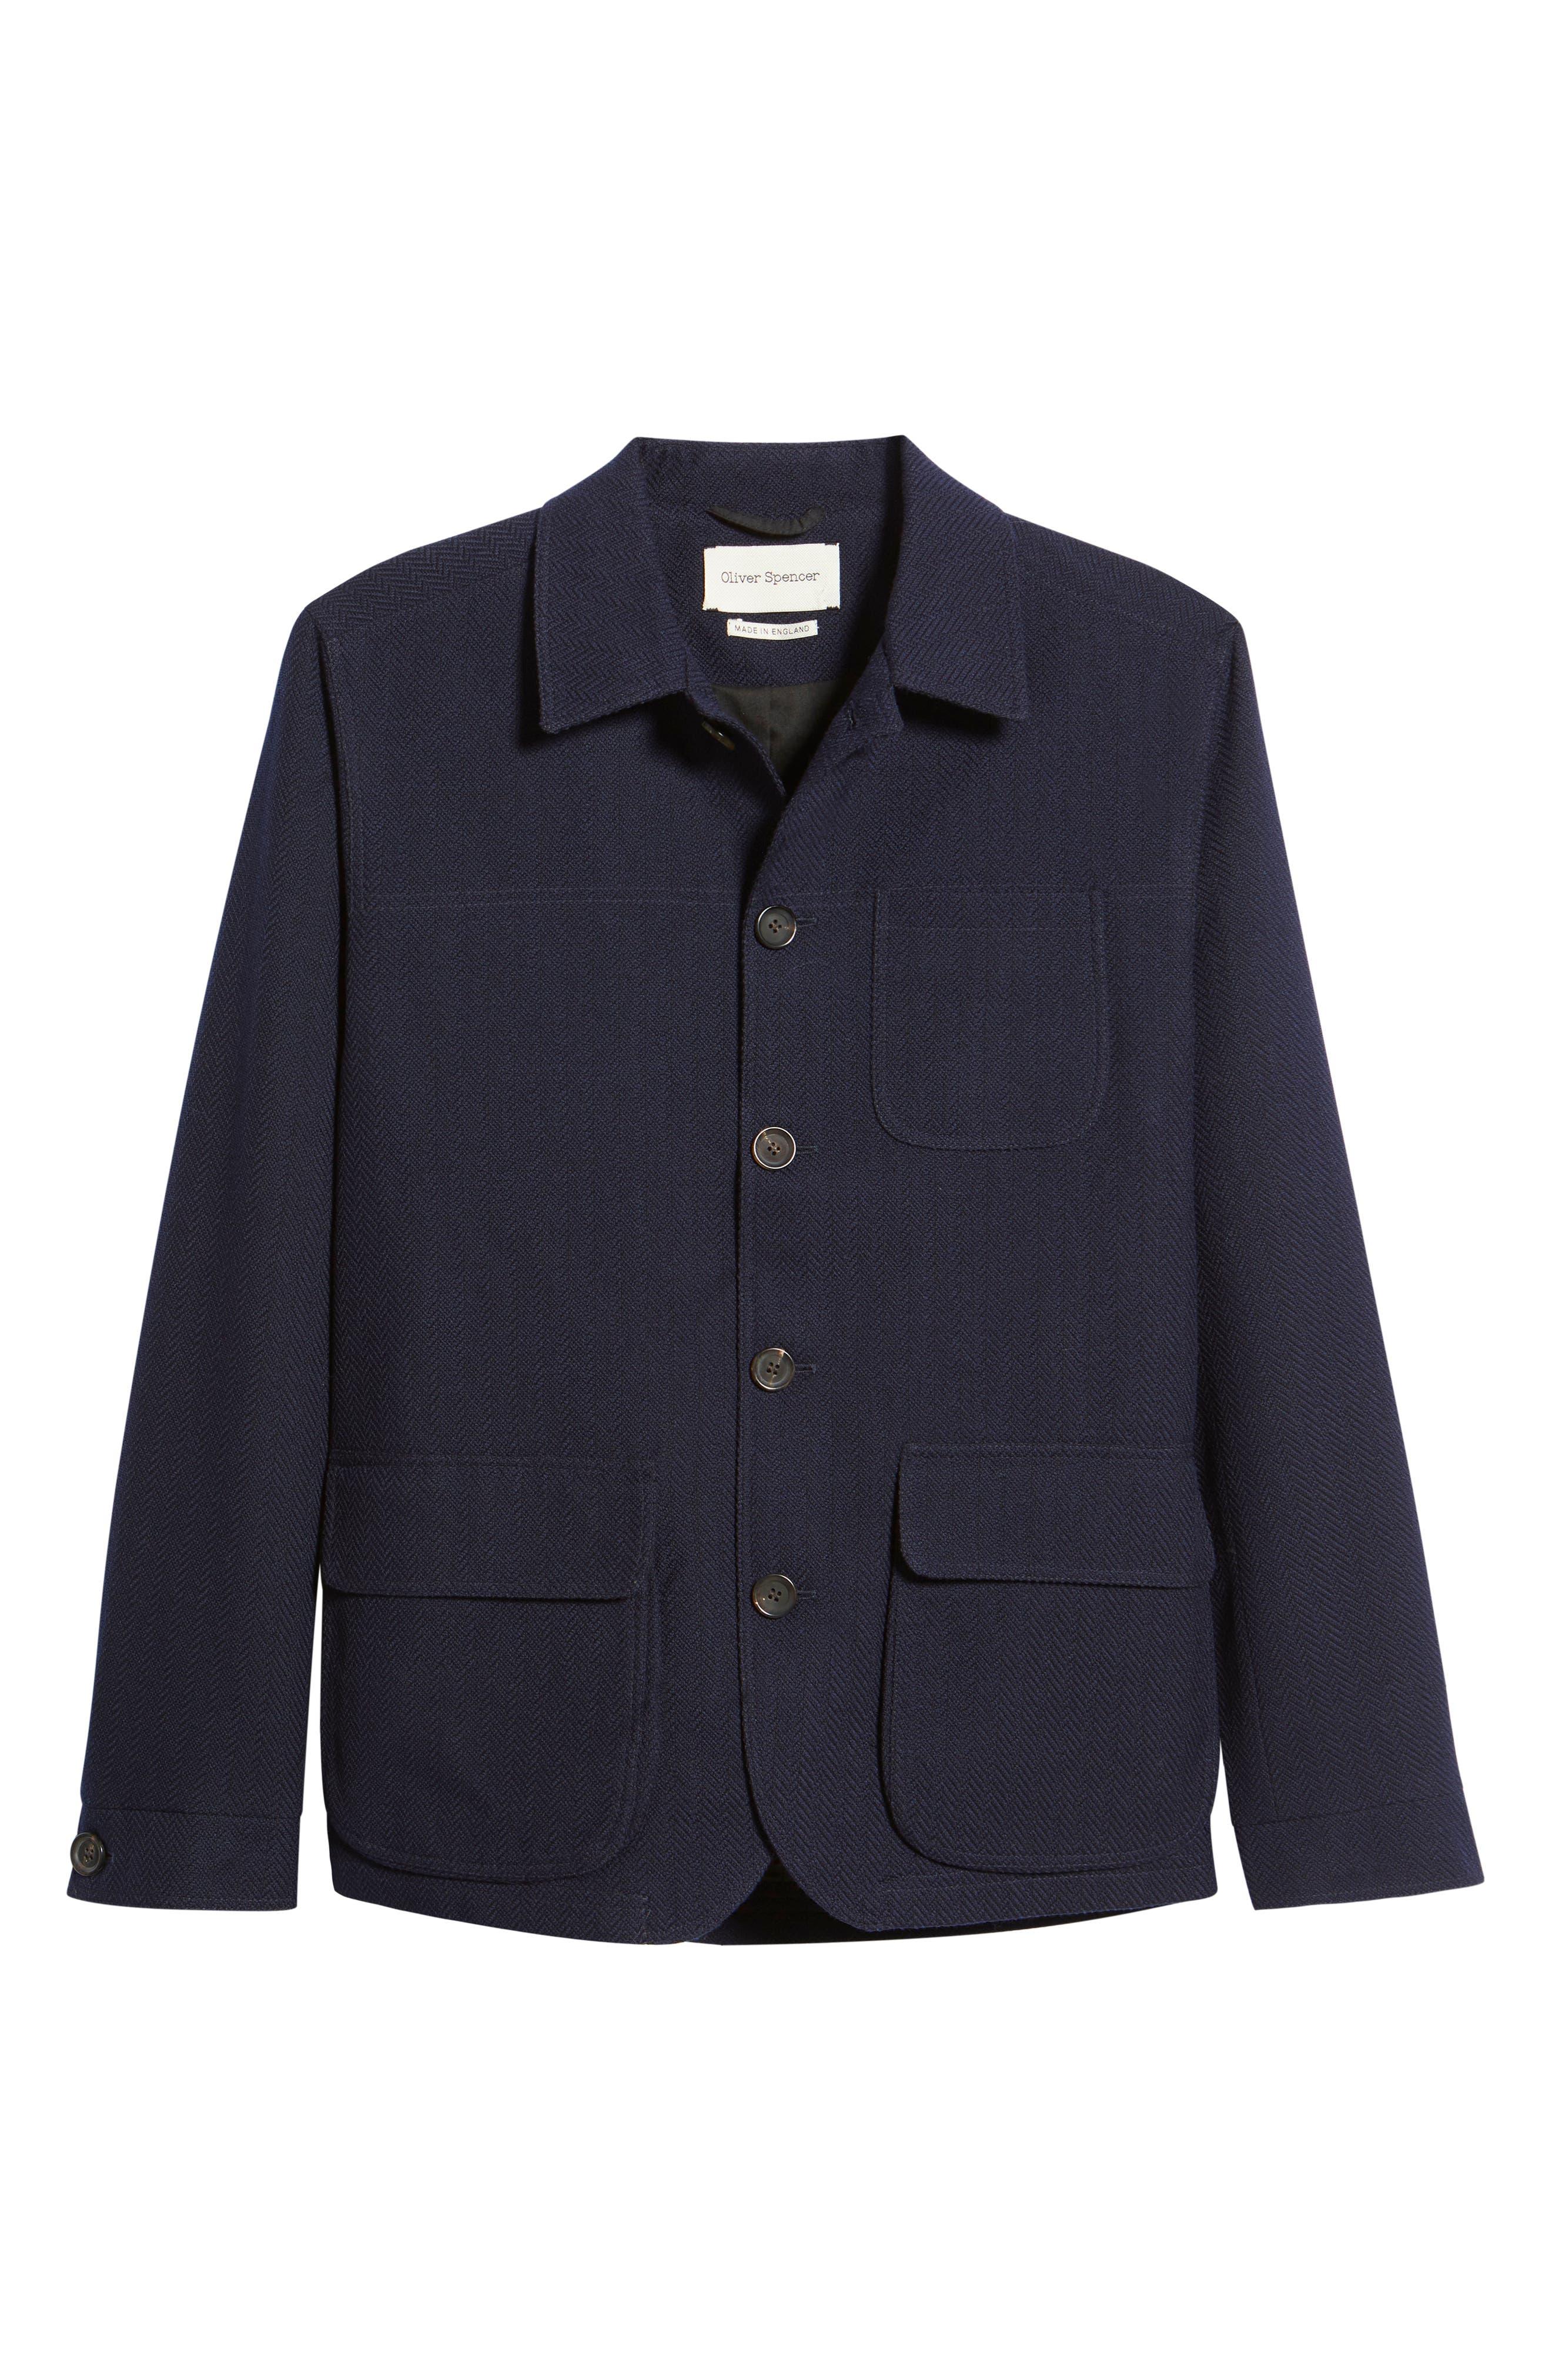 1900s Edwardian Men's Suits and Coats Oliver Spencer Pathfinder Shirt Jacket Size 38 in Navy at Nordstrom $595.00 AT vintagedancer.com